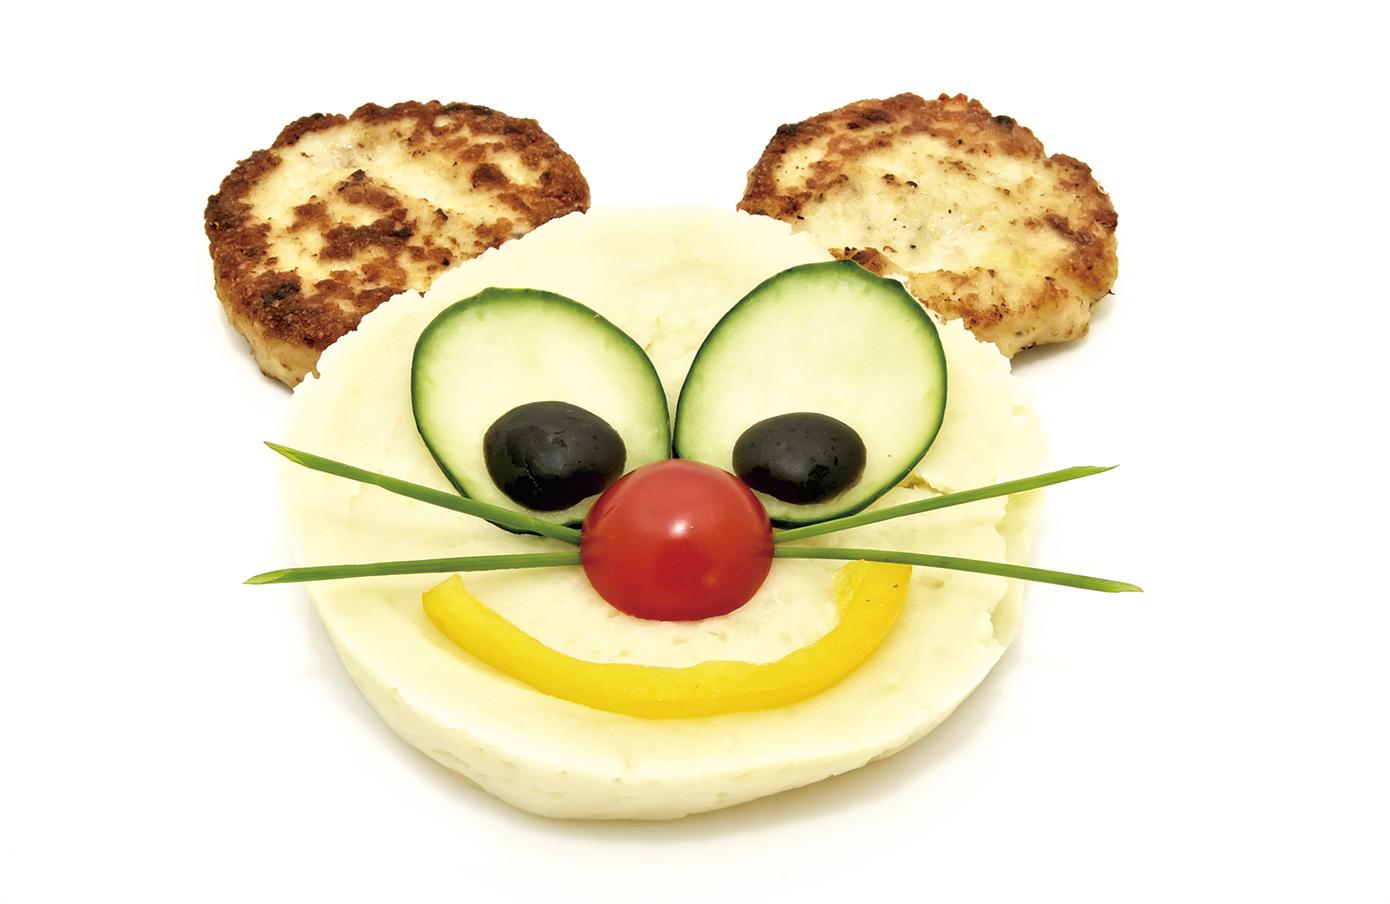 在食物上擺放花樣增加趣味性,孩子會更喜歡。